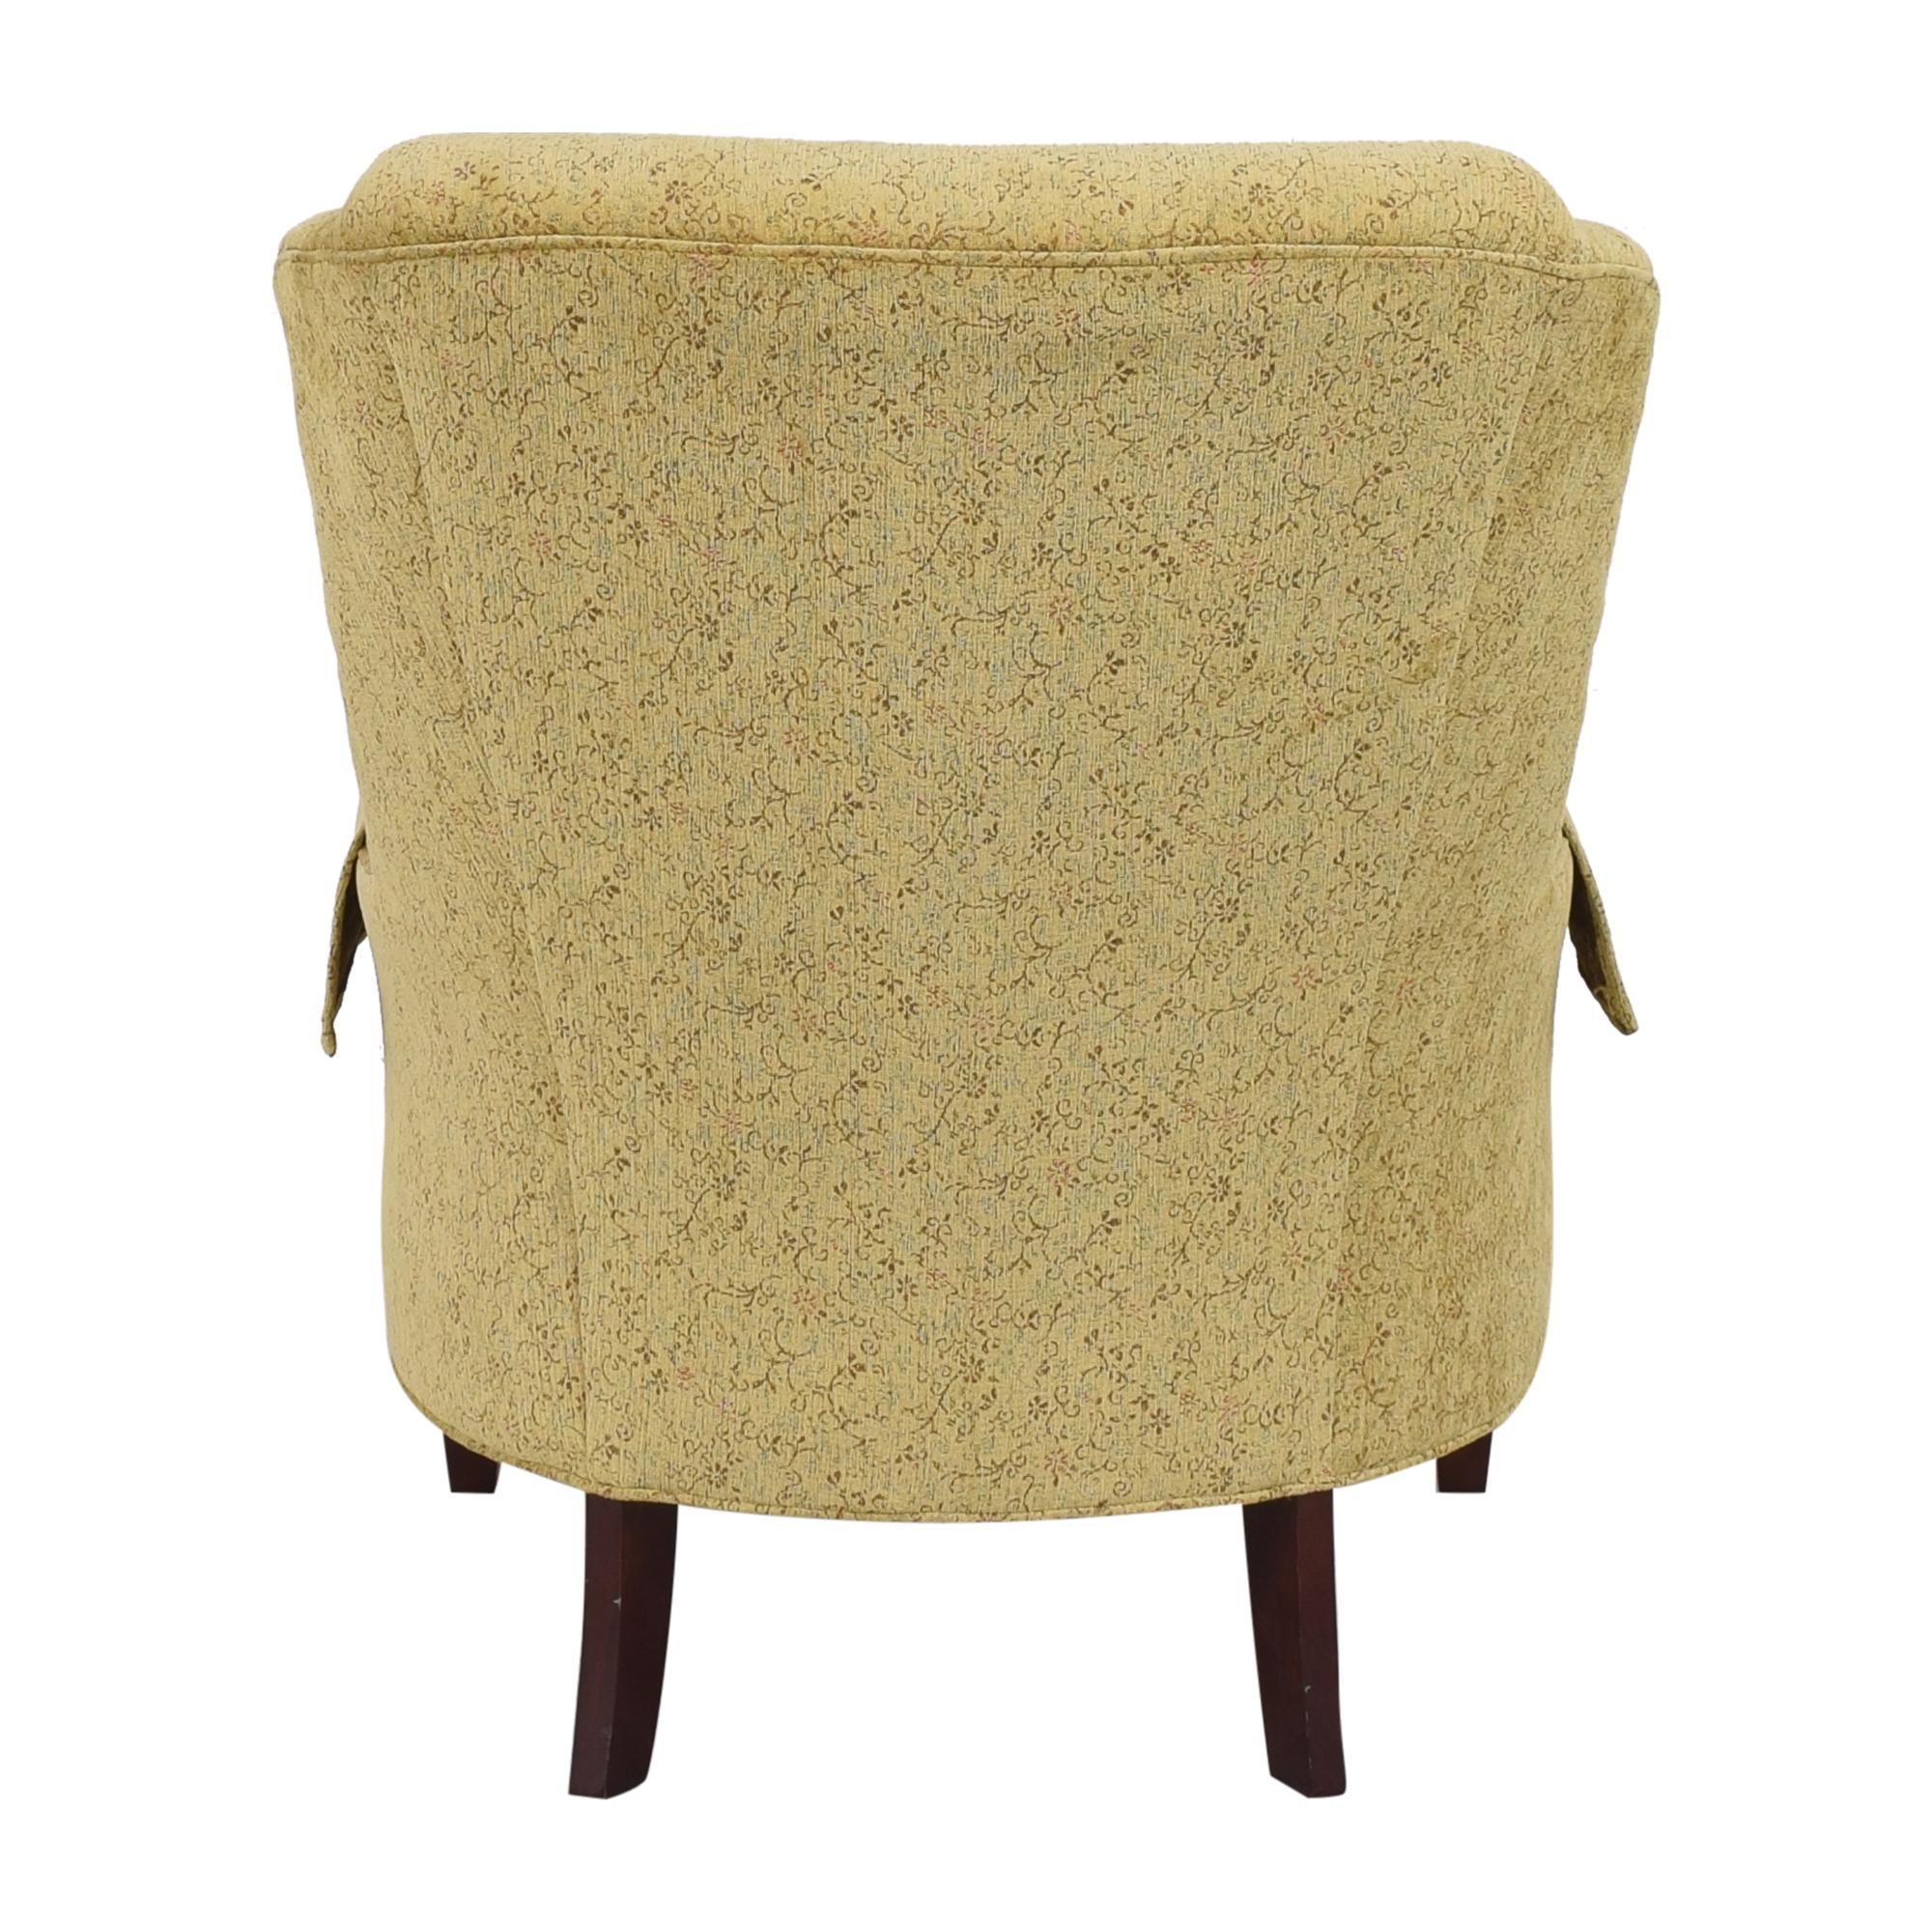 Beacon Hill Collection Beacon Hill Collection Accent Chair dimensions